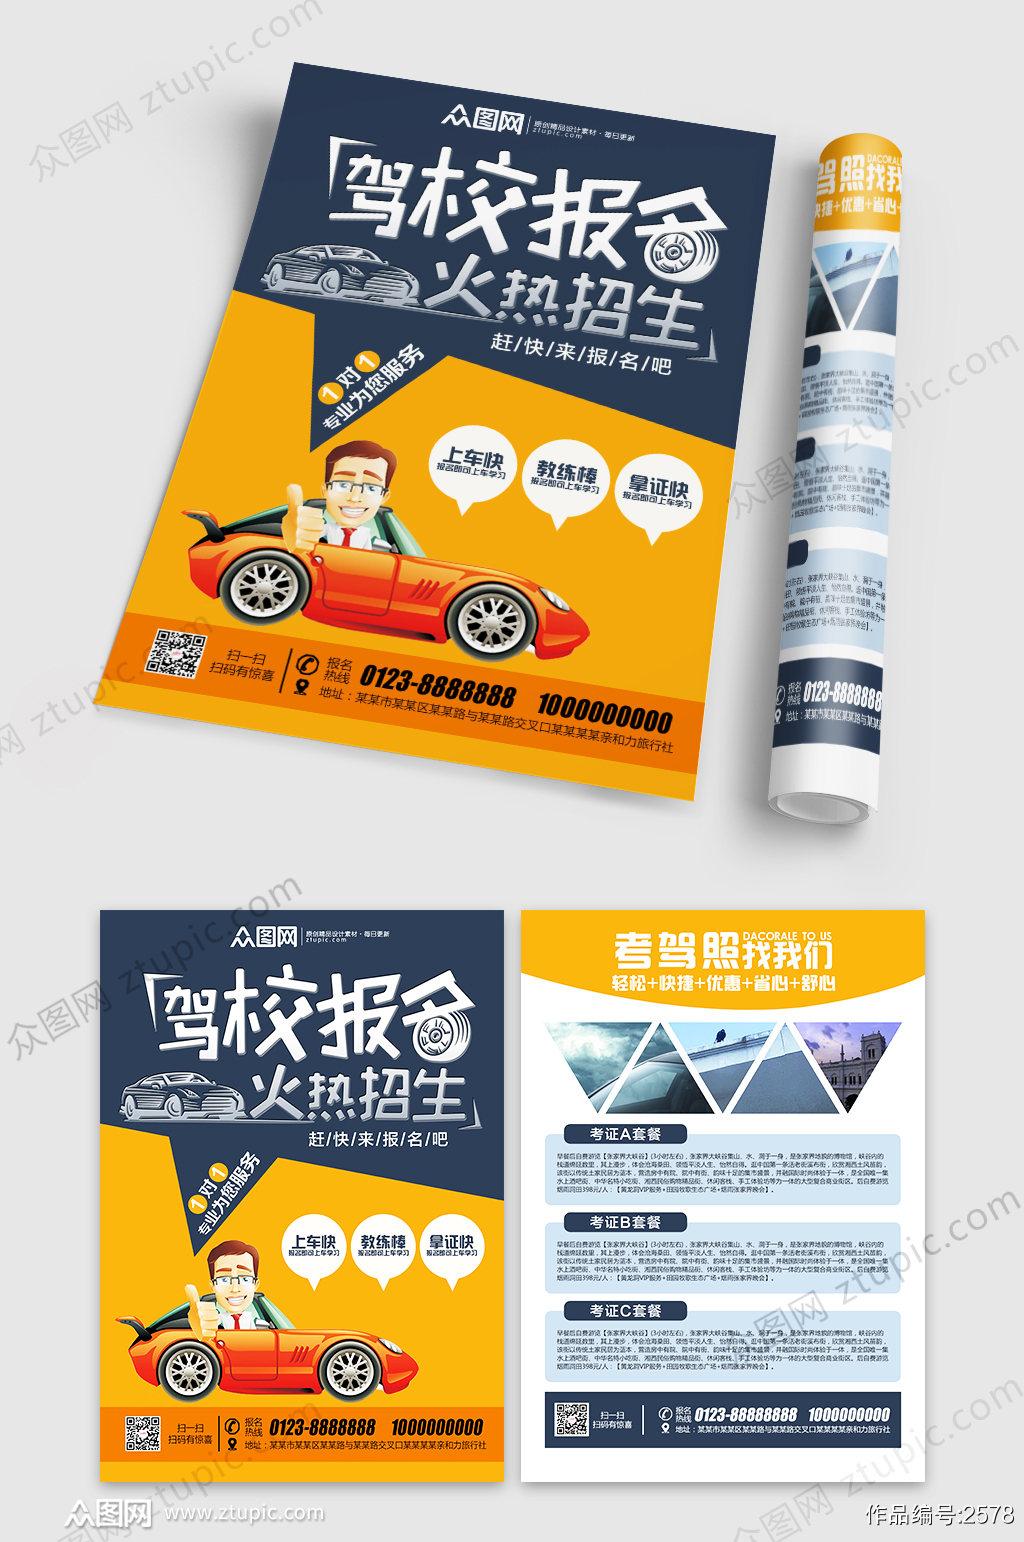 撞色卡通驾校招生简章宣传单设计图司机模板素材